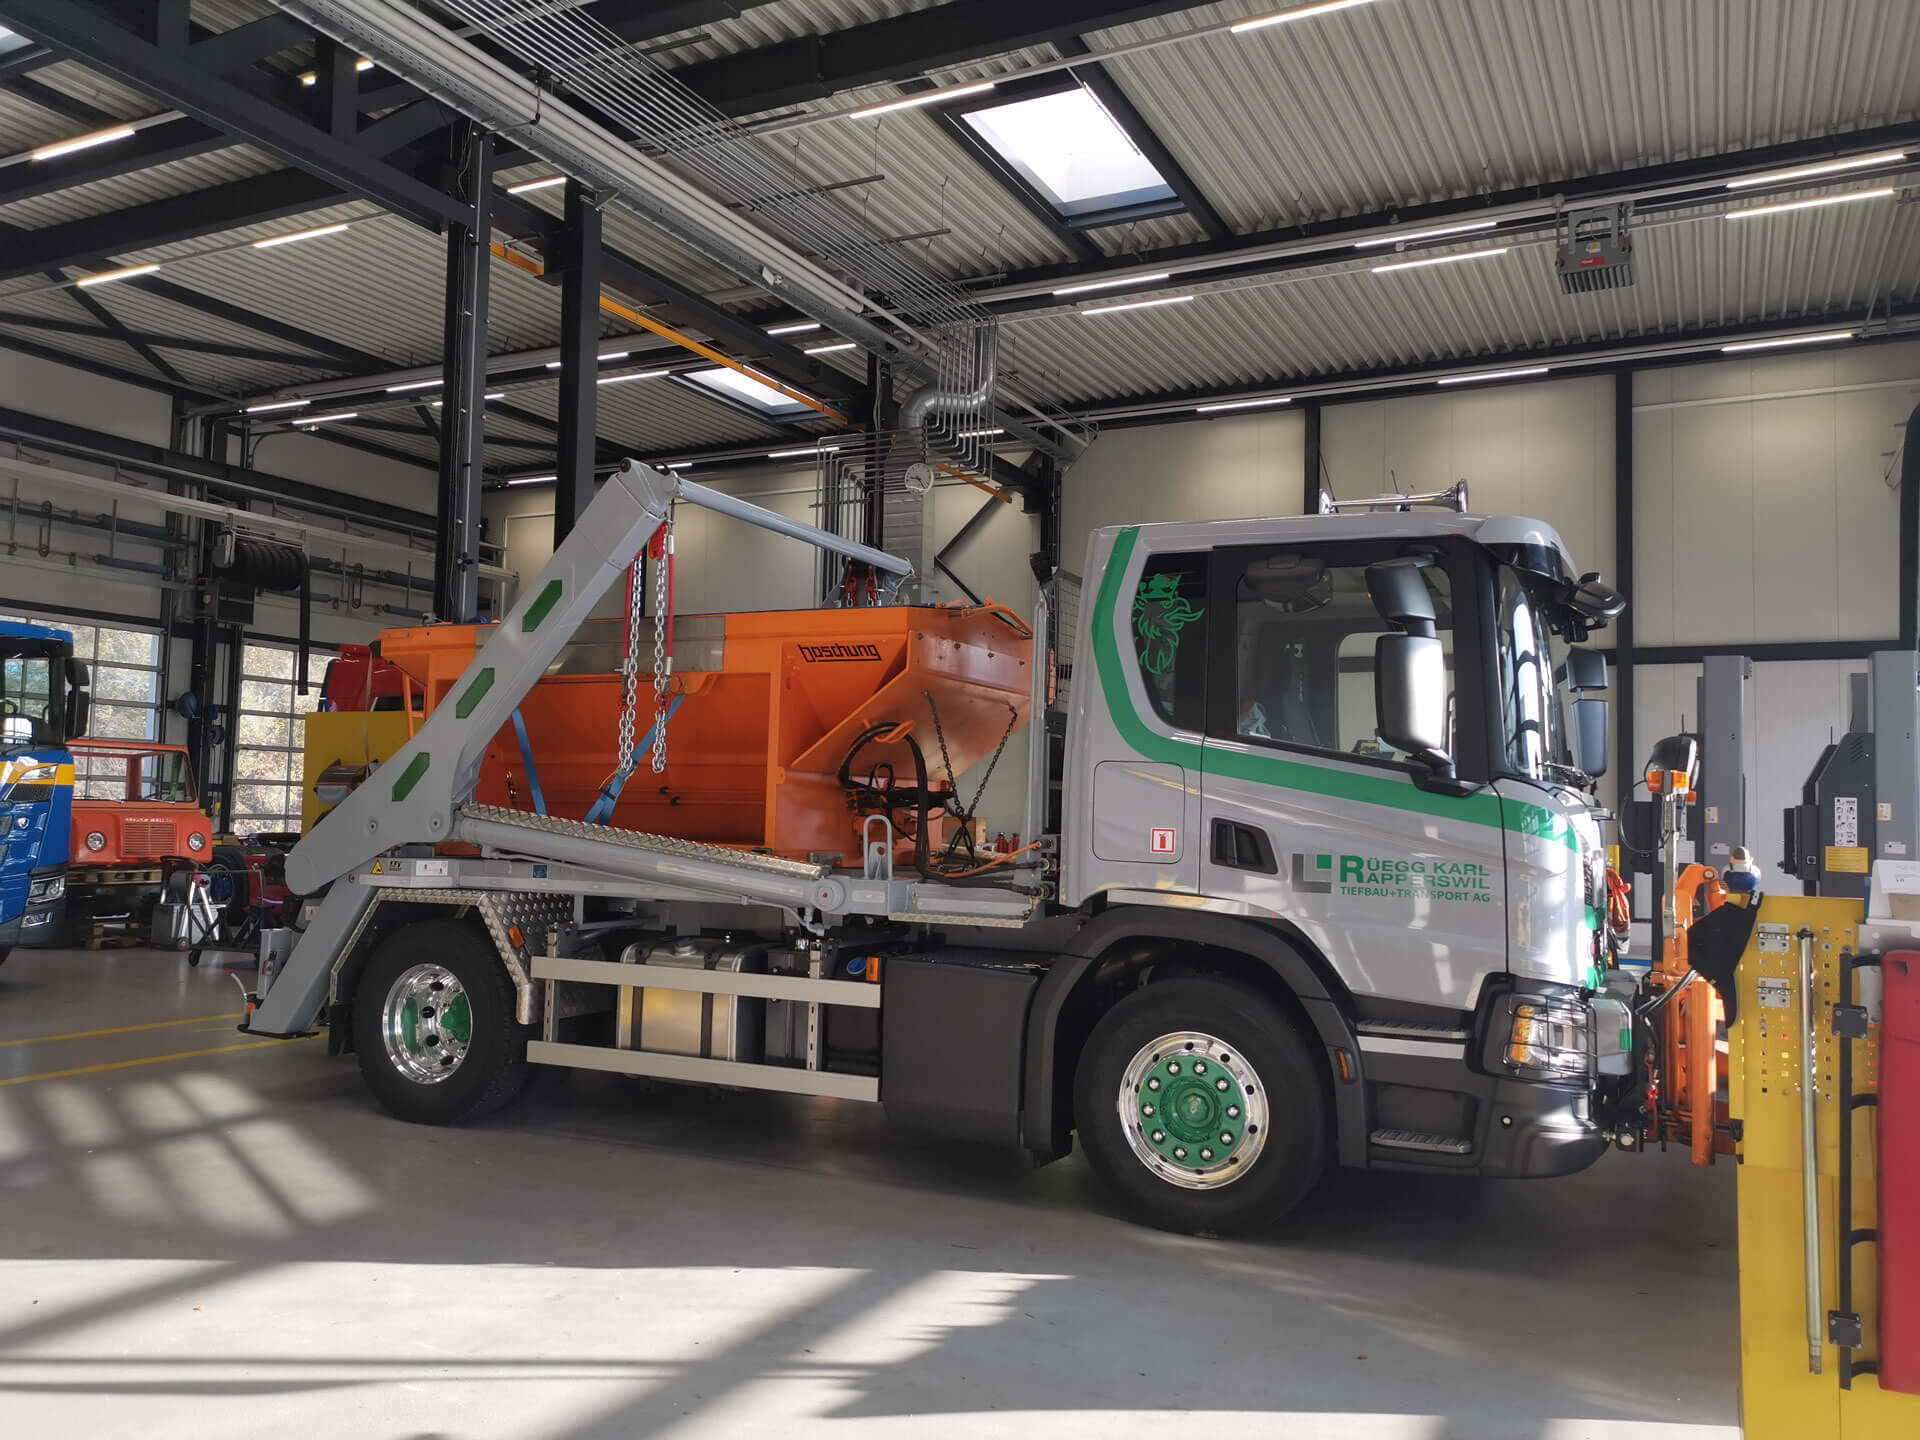 Welaki: Realisierter Absetzkipper GIGANT 18T der Rueegg Karl Tiefbau + Transport AG